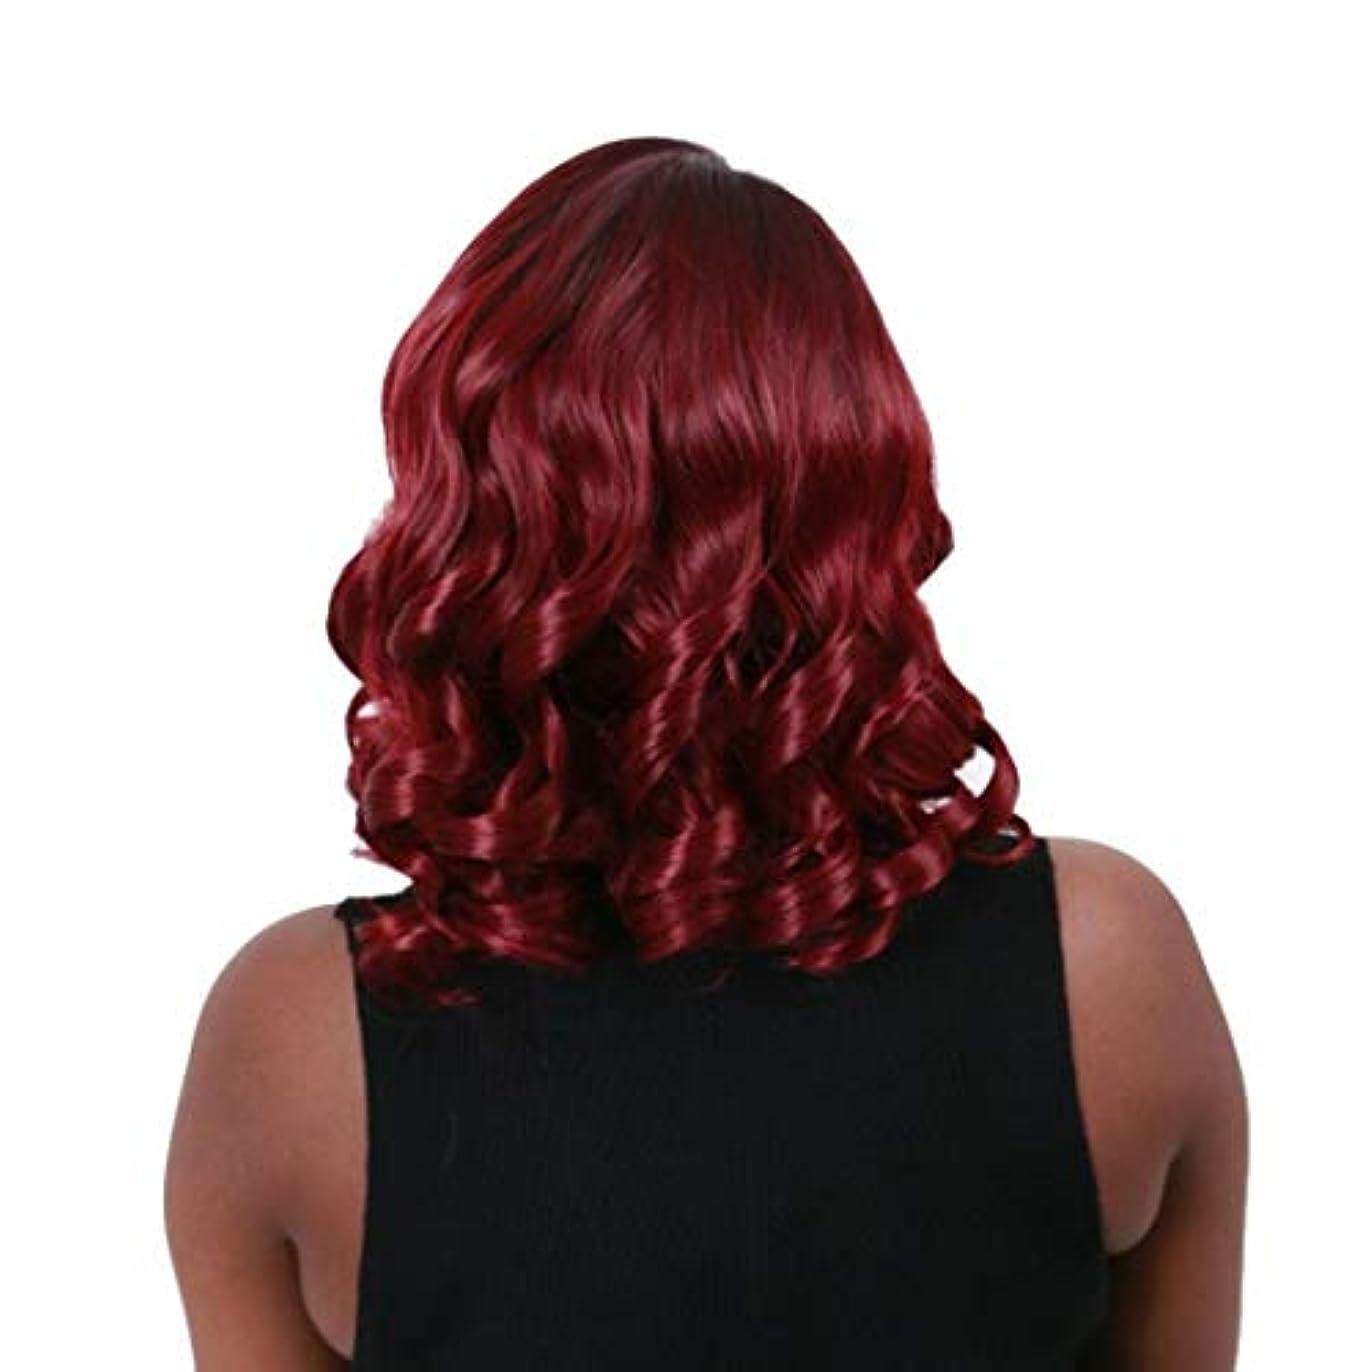 カナダレーニン主義岸Kerwinner 女性のための短い波状の合成かつらかつら短いふわふわボブ変態